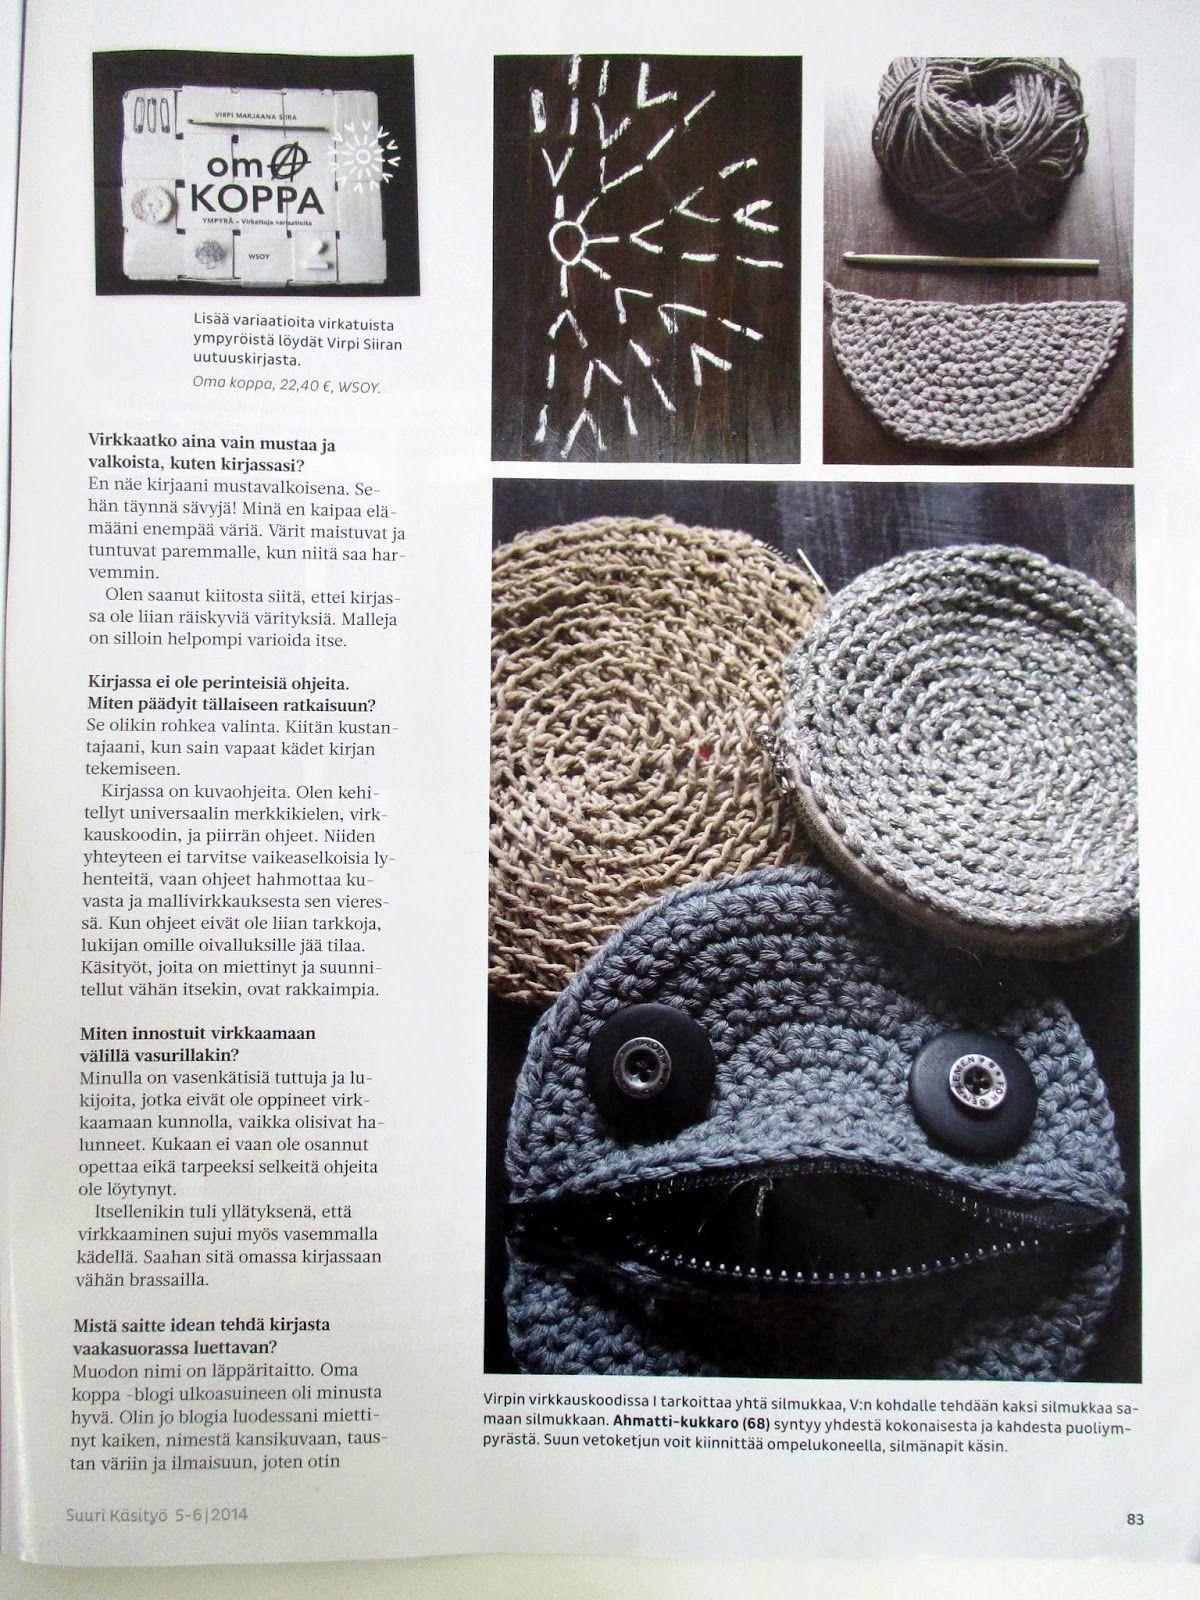 VMSomⒶ Koppa: Büyük El Sanatları dergisi hikaye 5-6 / 2014